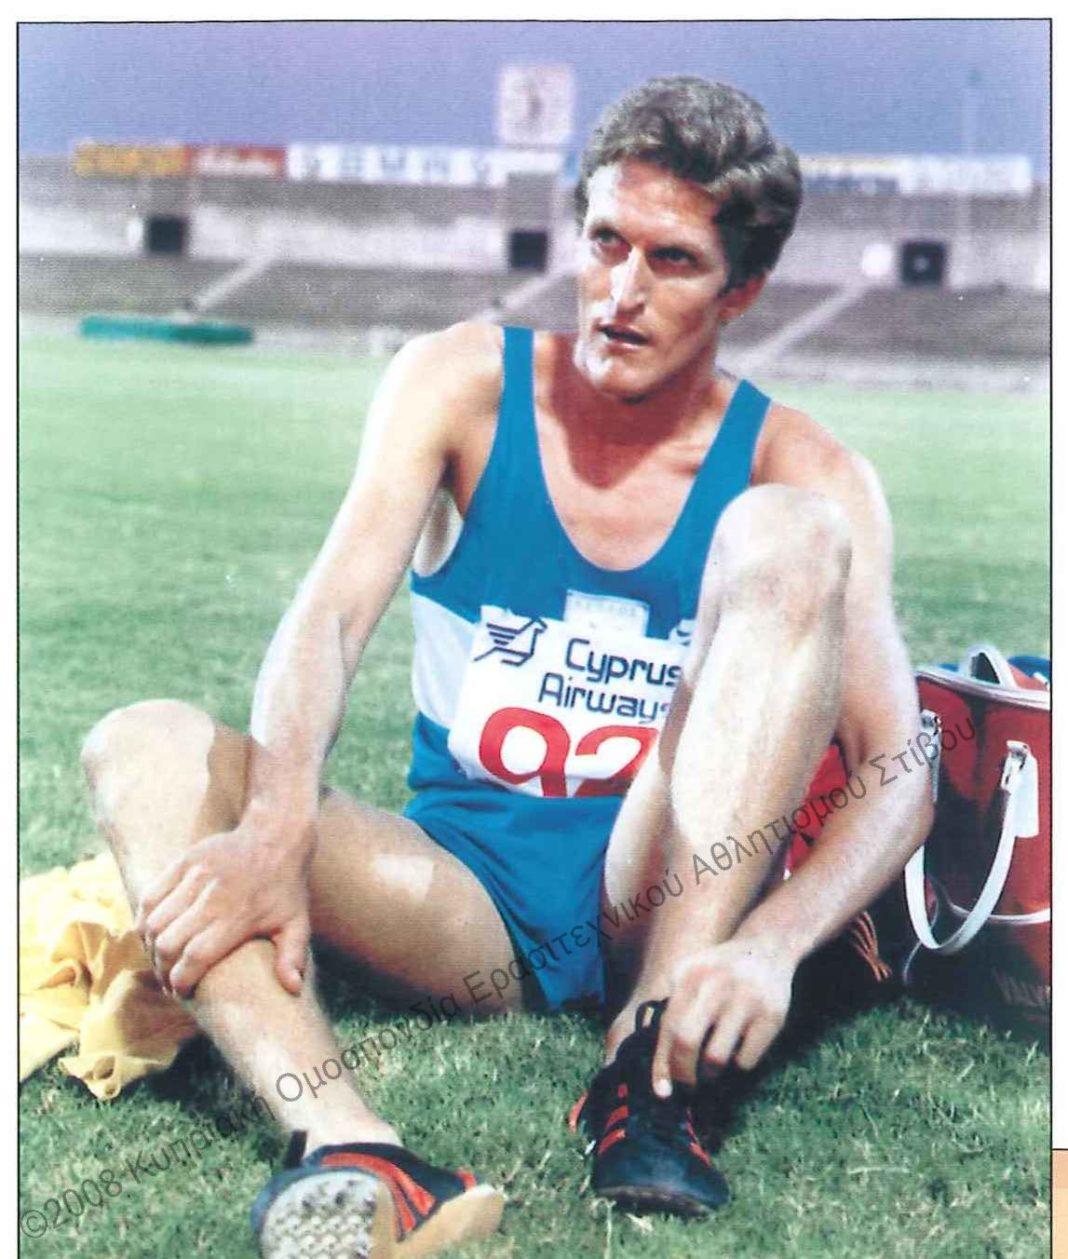 Το πρώτο μετάλλιο ο Κονναρής (1975)